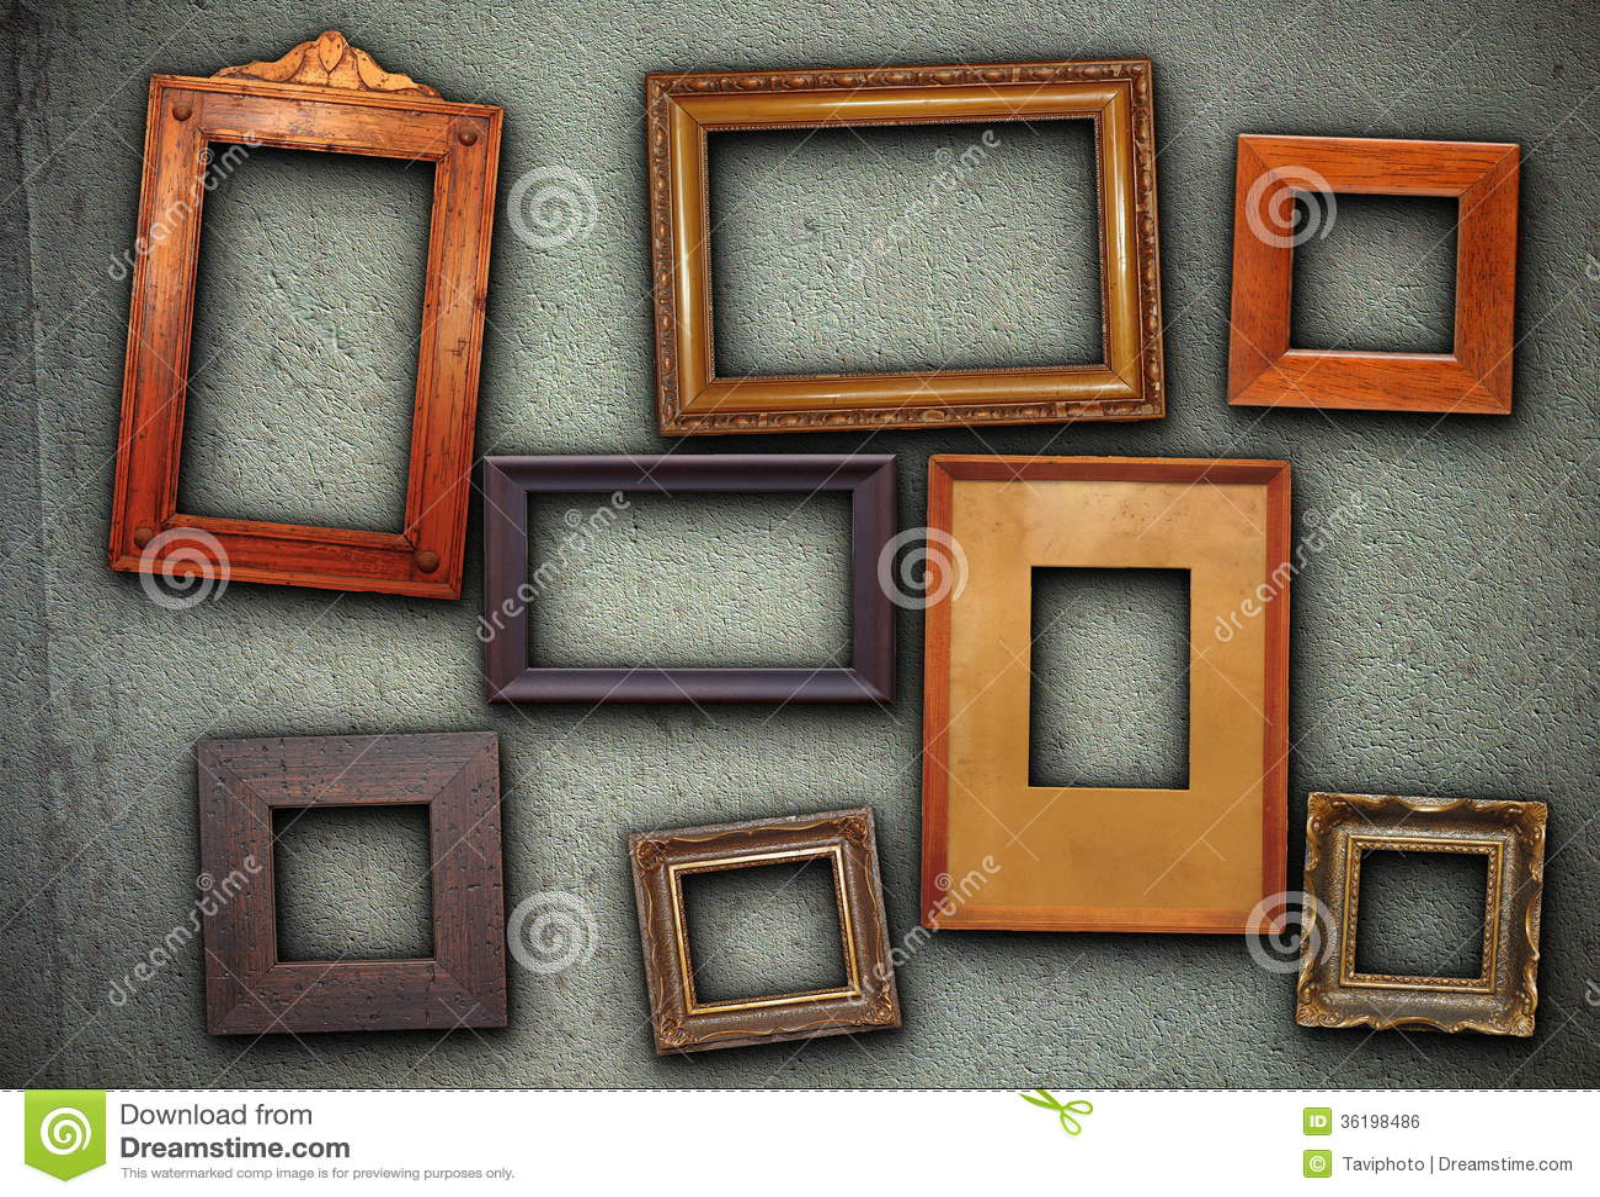 Viele Bilderrahmen Hingen An Der Grünen Wand Stockfoto - Bild von ...